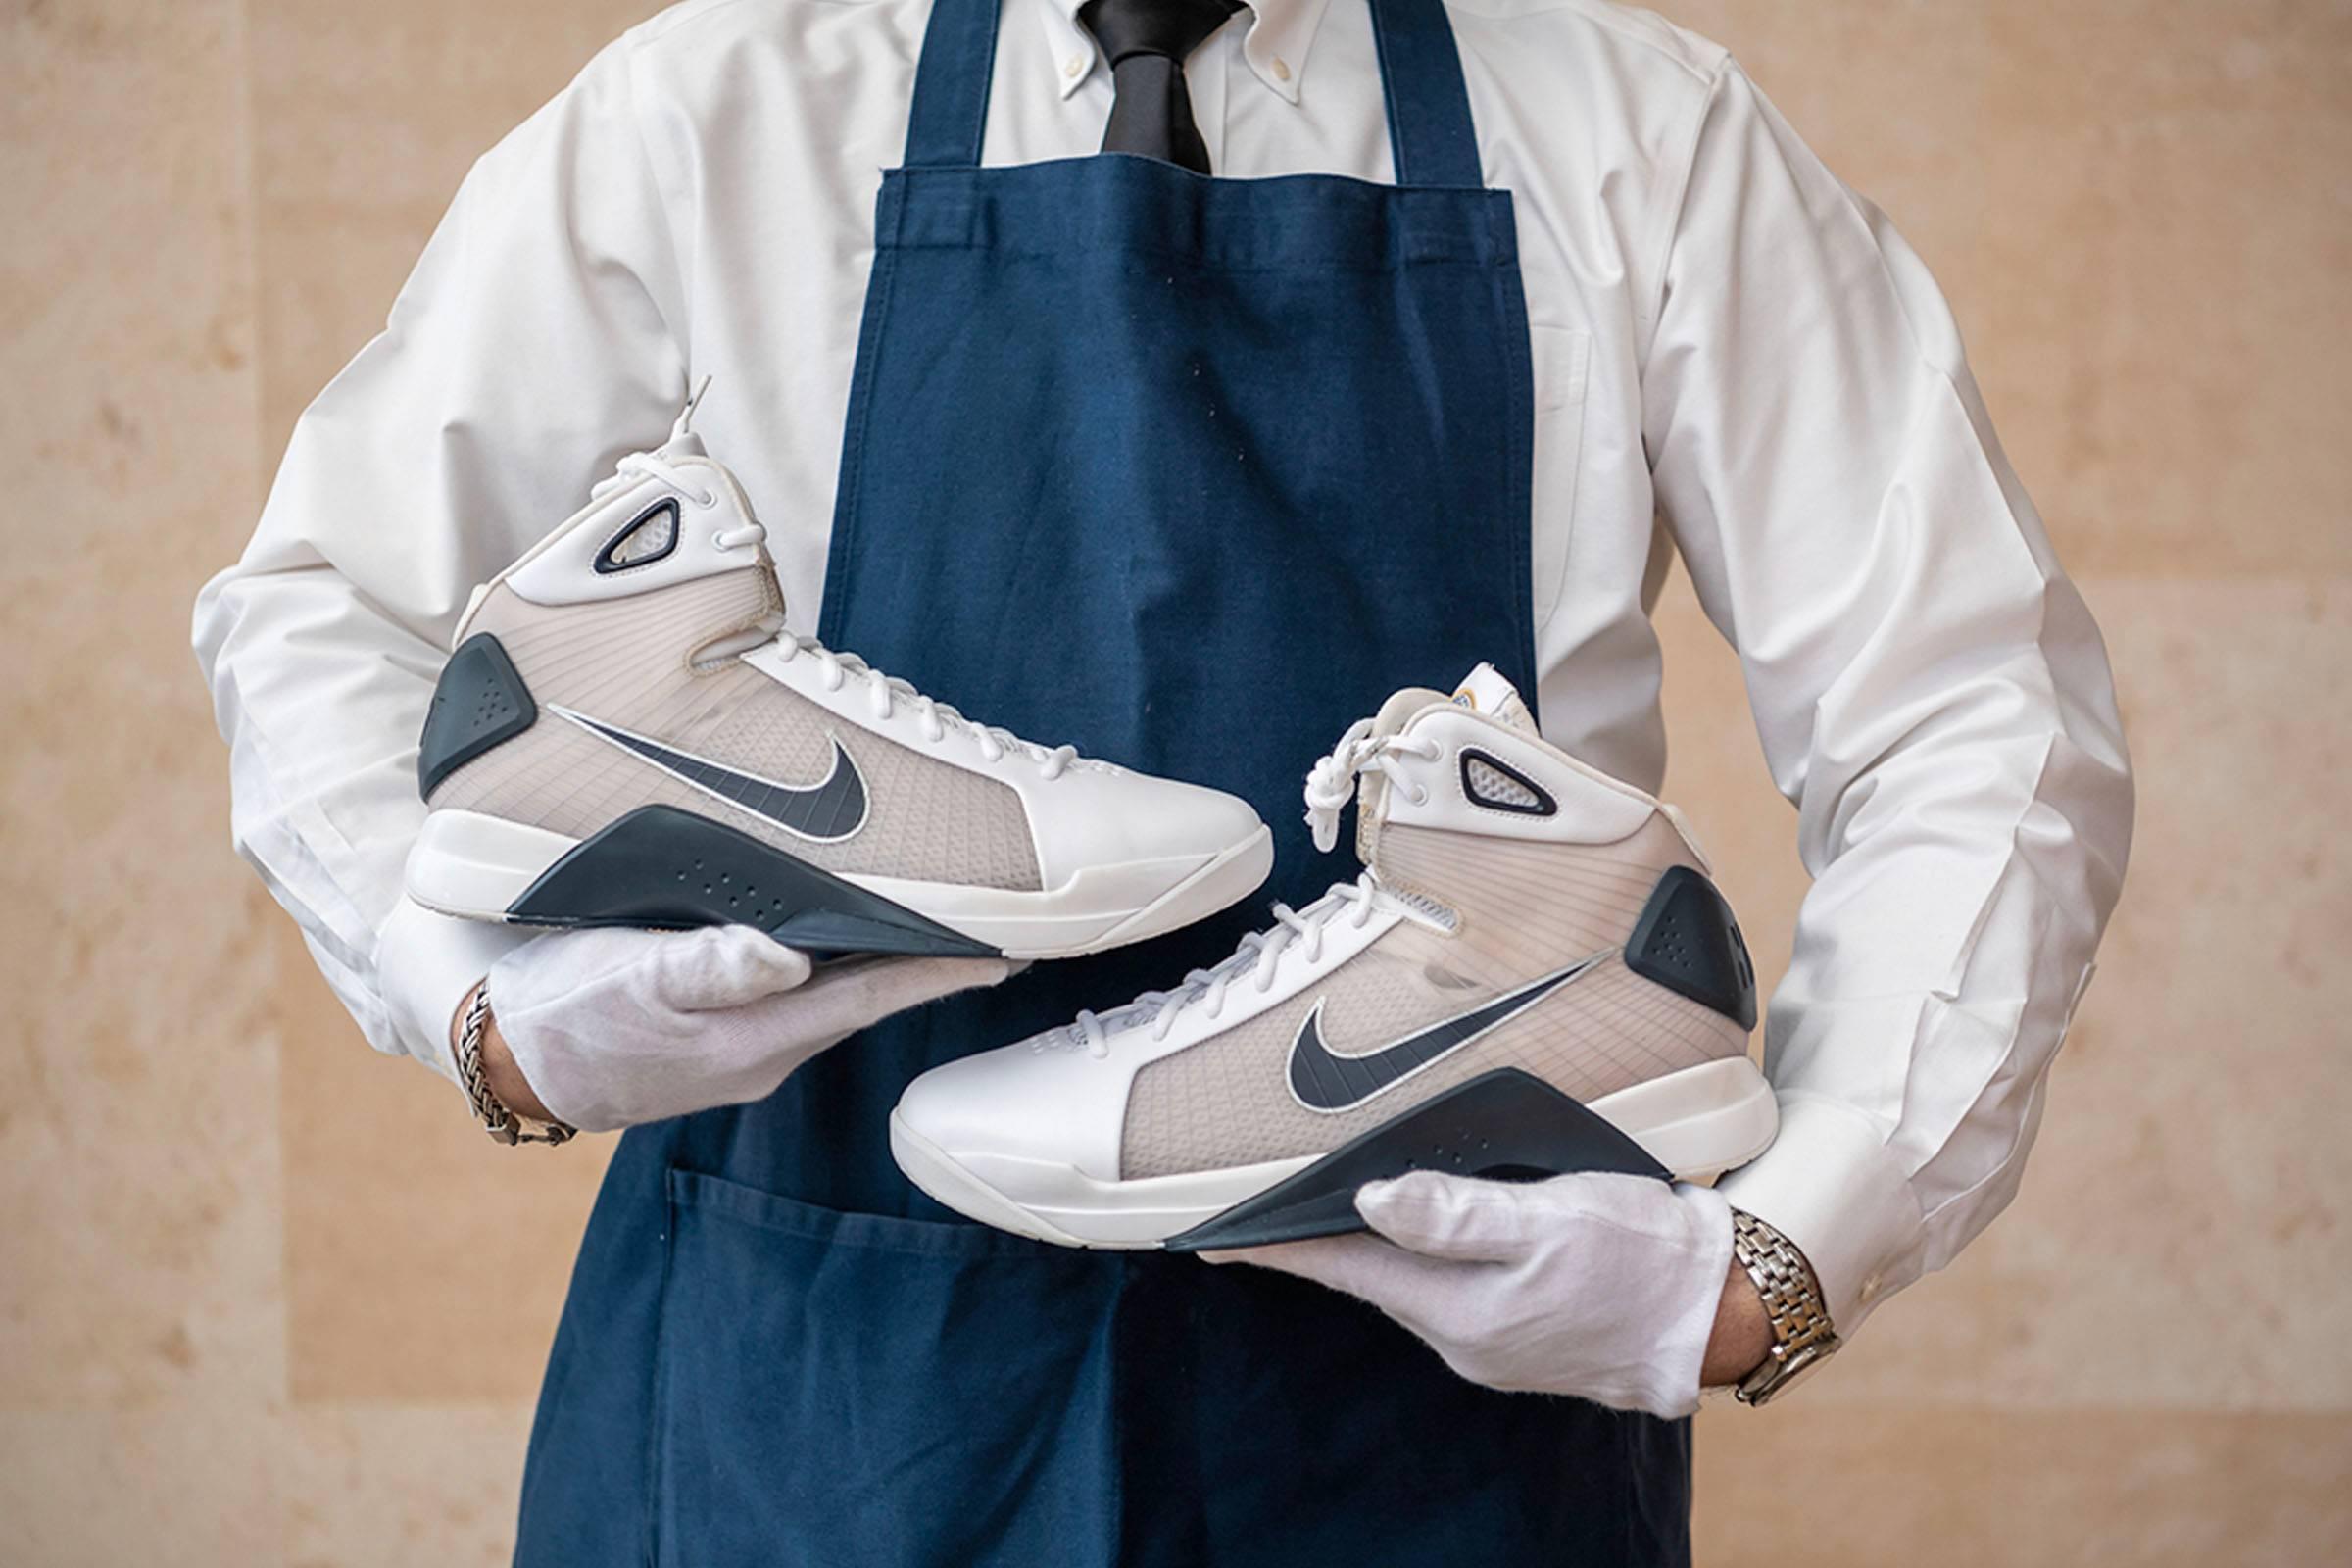 The Week In Sneakers: Week of Feb 15, 2021